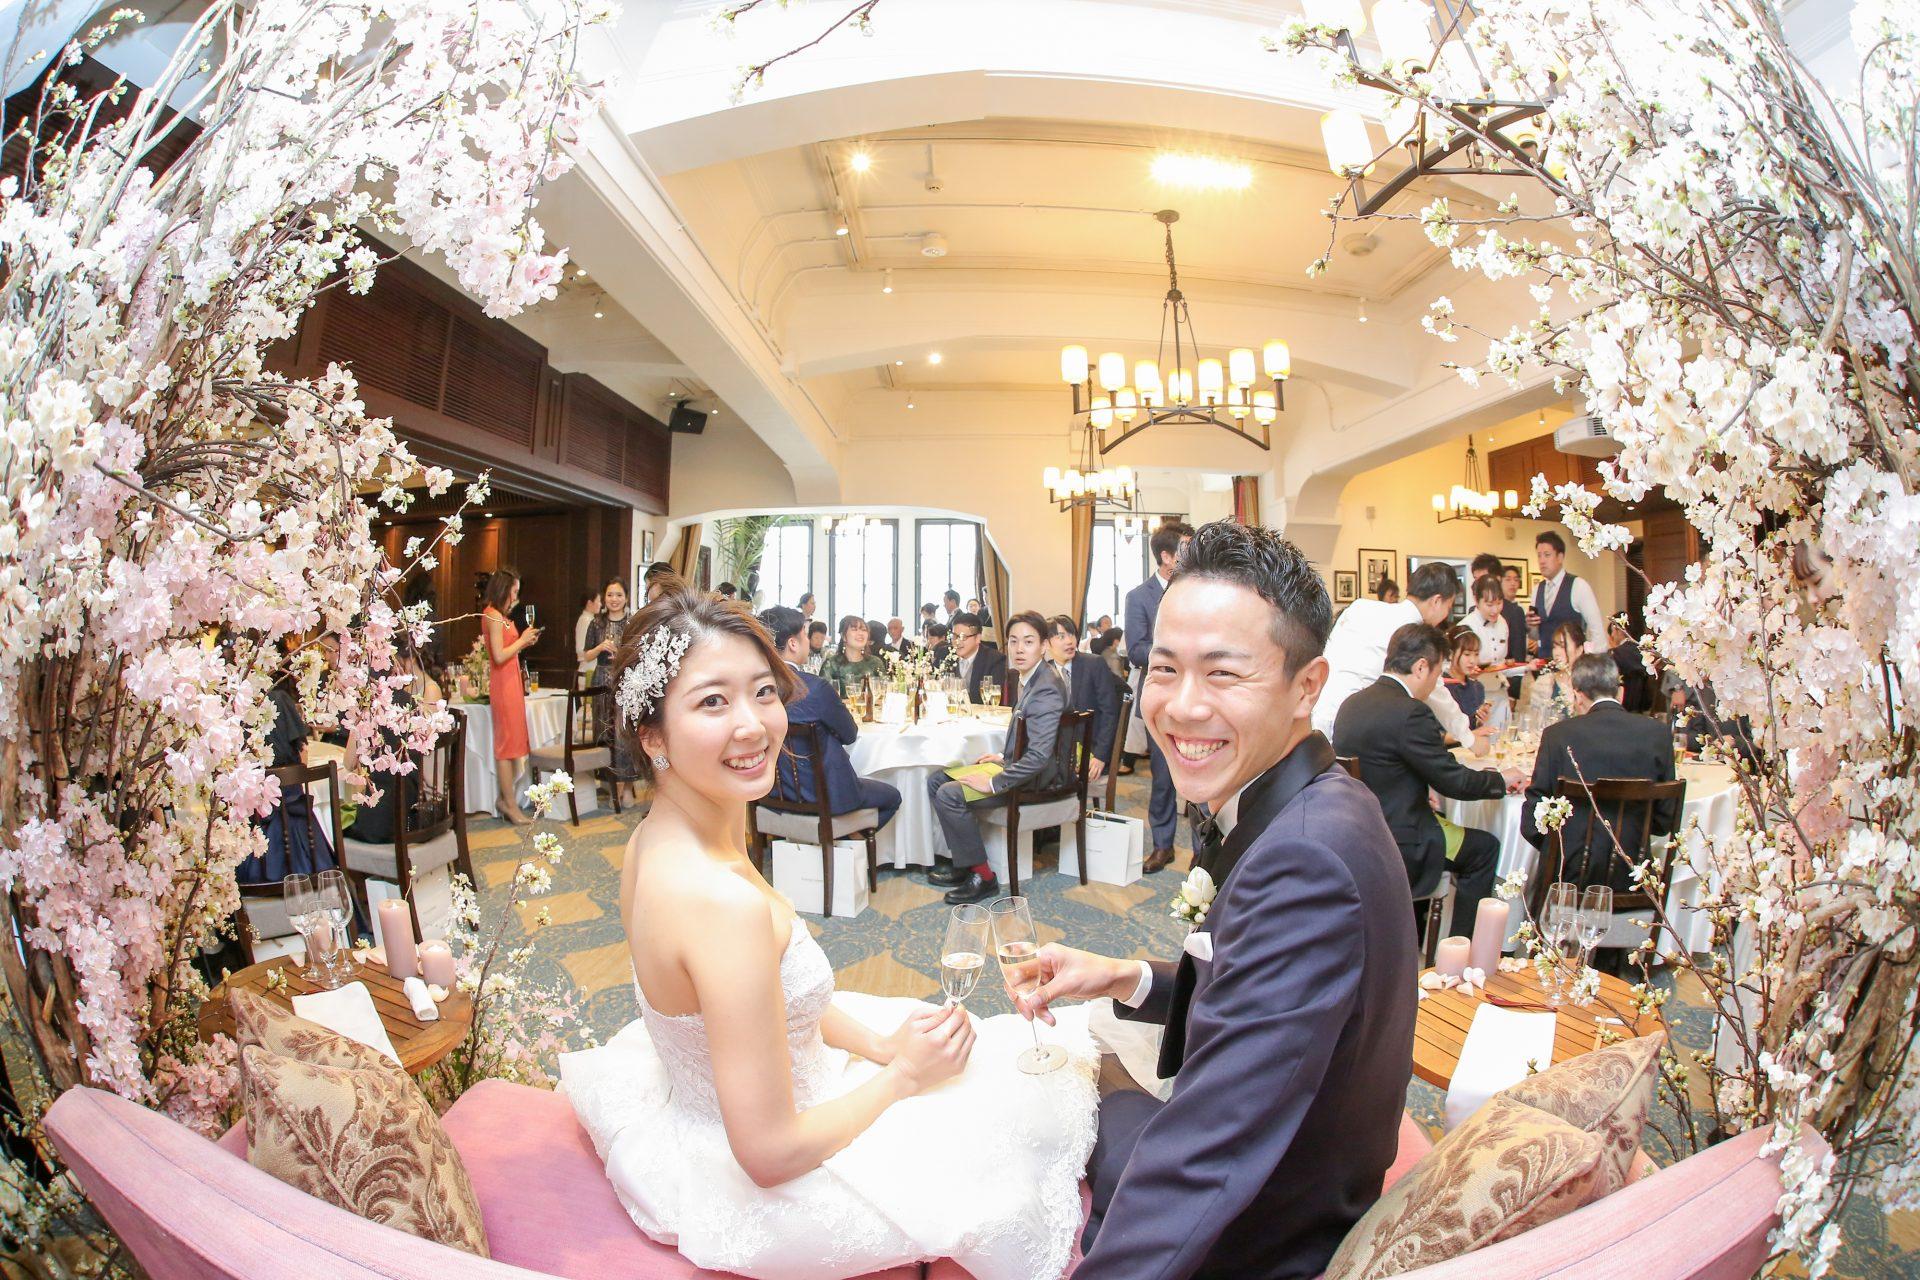 フォーチュンガーデン京都で披露宴を挙げられる新郎新婦様におすすめしたい満開の桜の中でクラシックなコーディネートを楽しまれる新郎新婦様